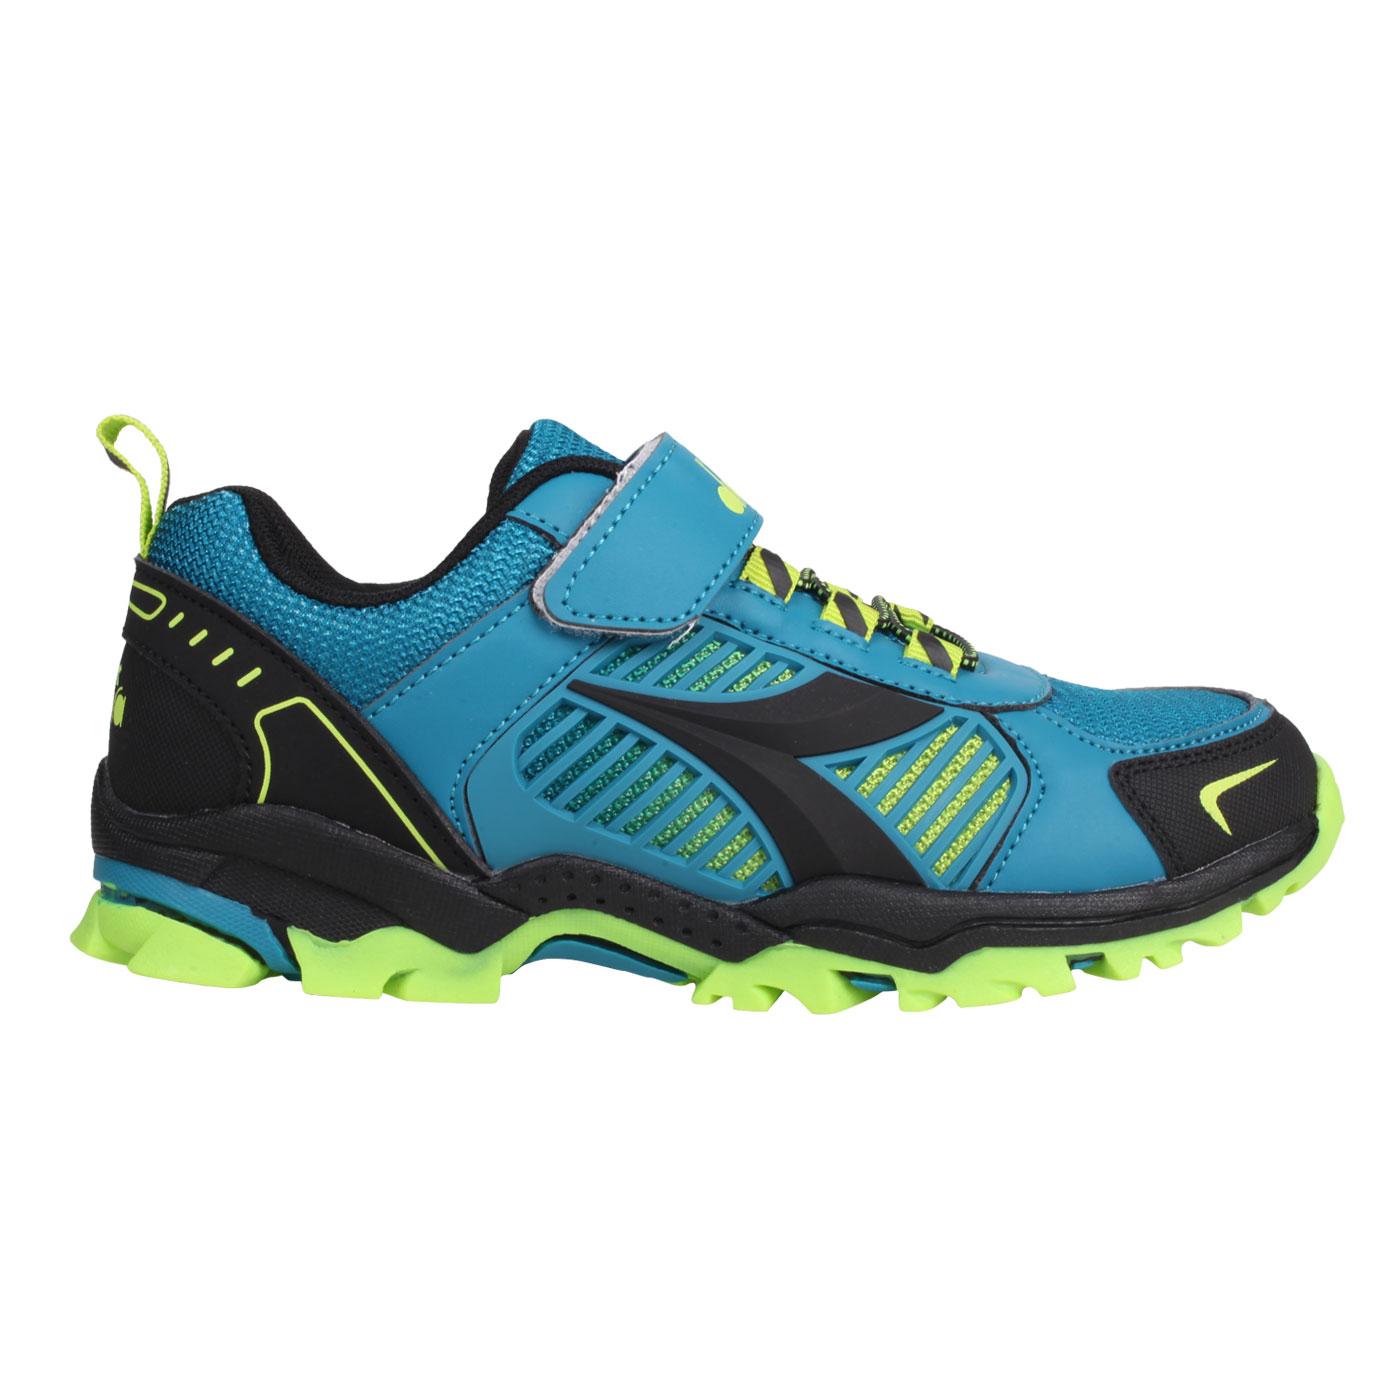 DIADORA 大童戶外越野慢跑鞋-超寬楦 DA13006 - 鴨綠藍粉綠